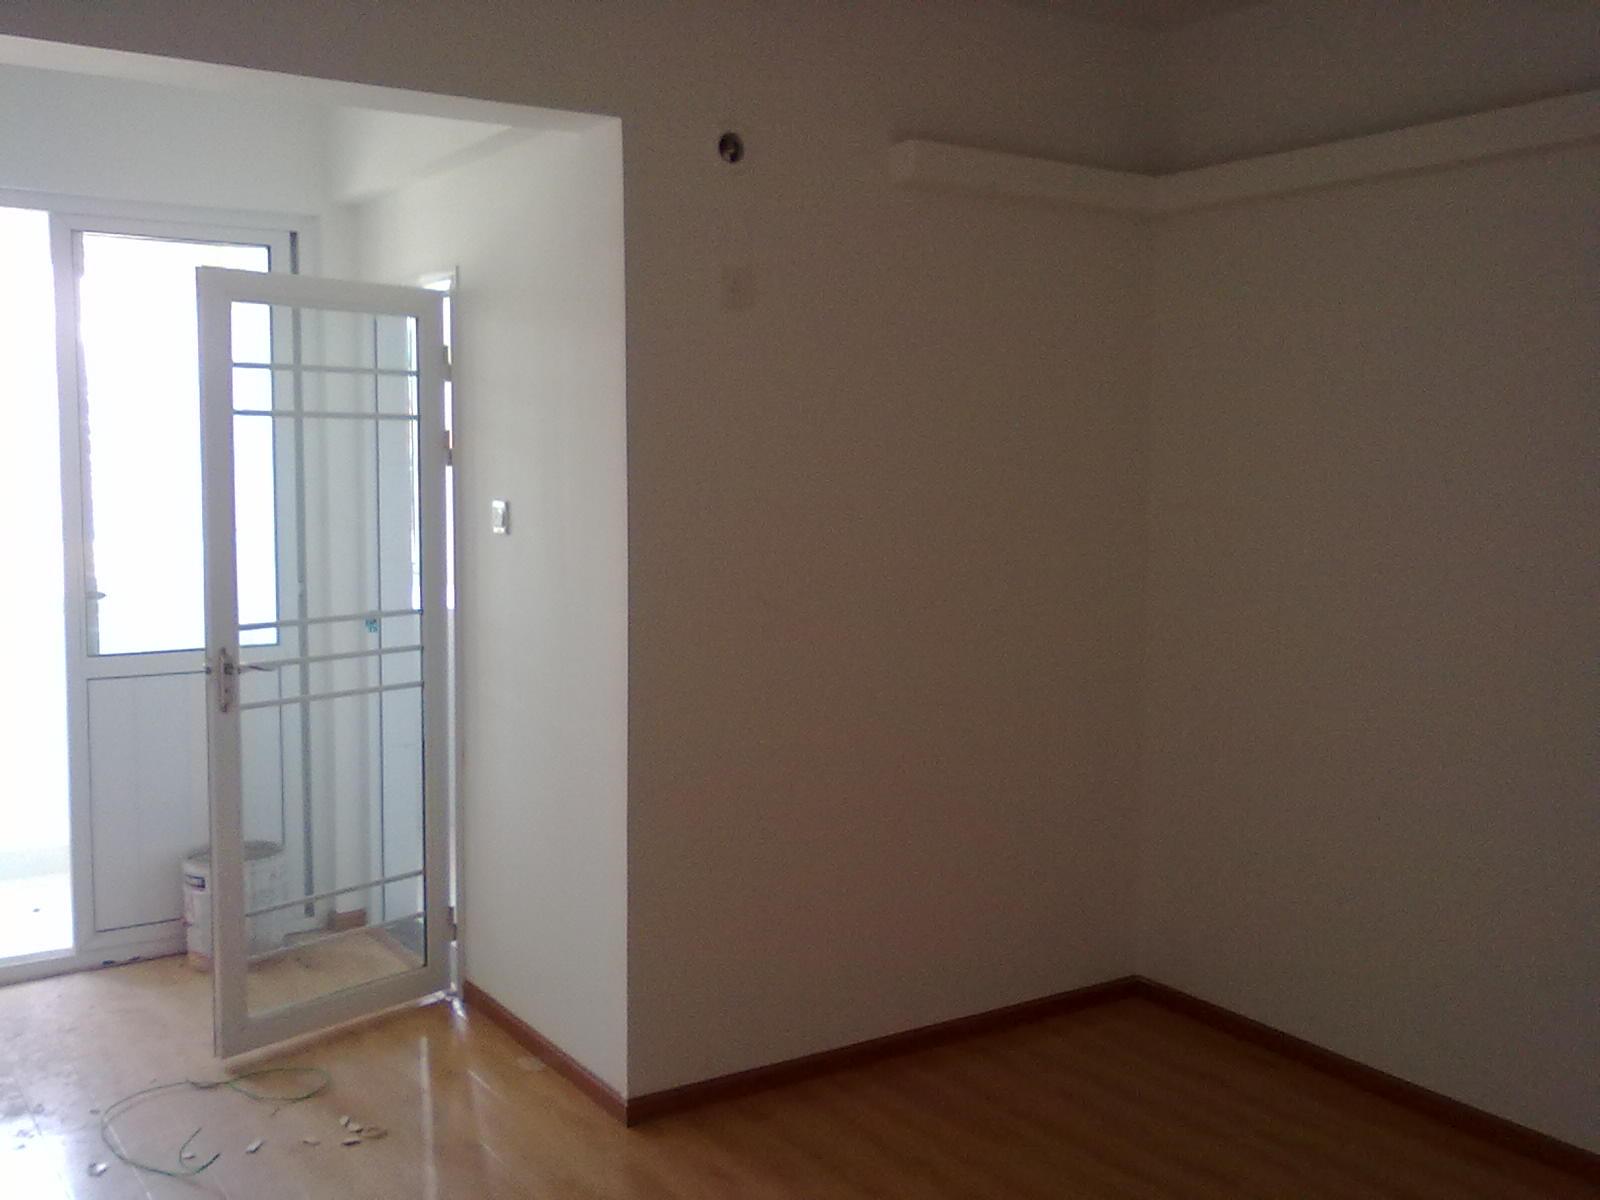 8 2012-11-07 重庆市公租房是以建筑面积还是室内面积计算房租 2012